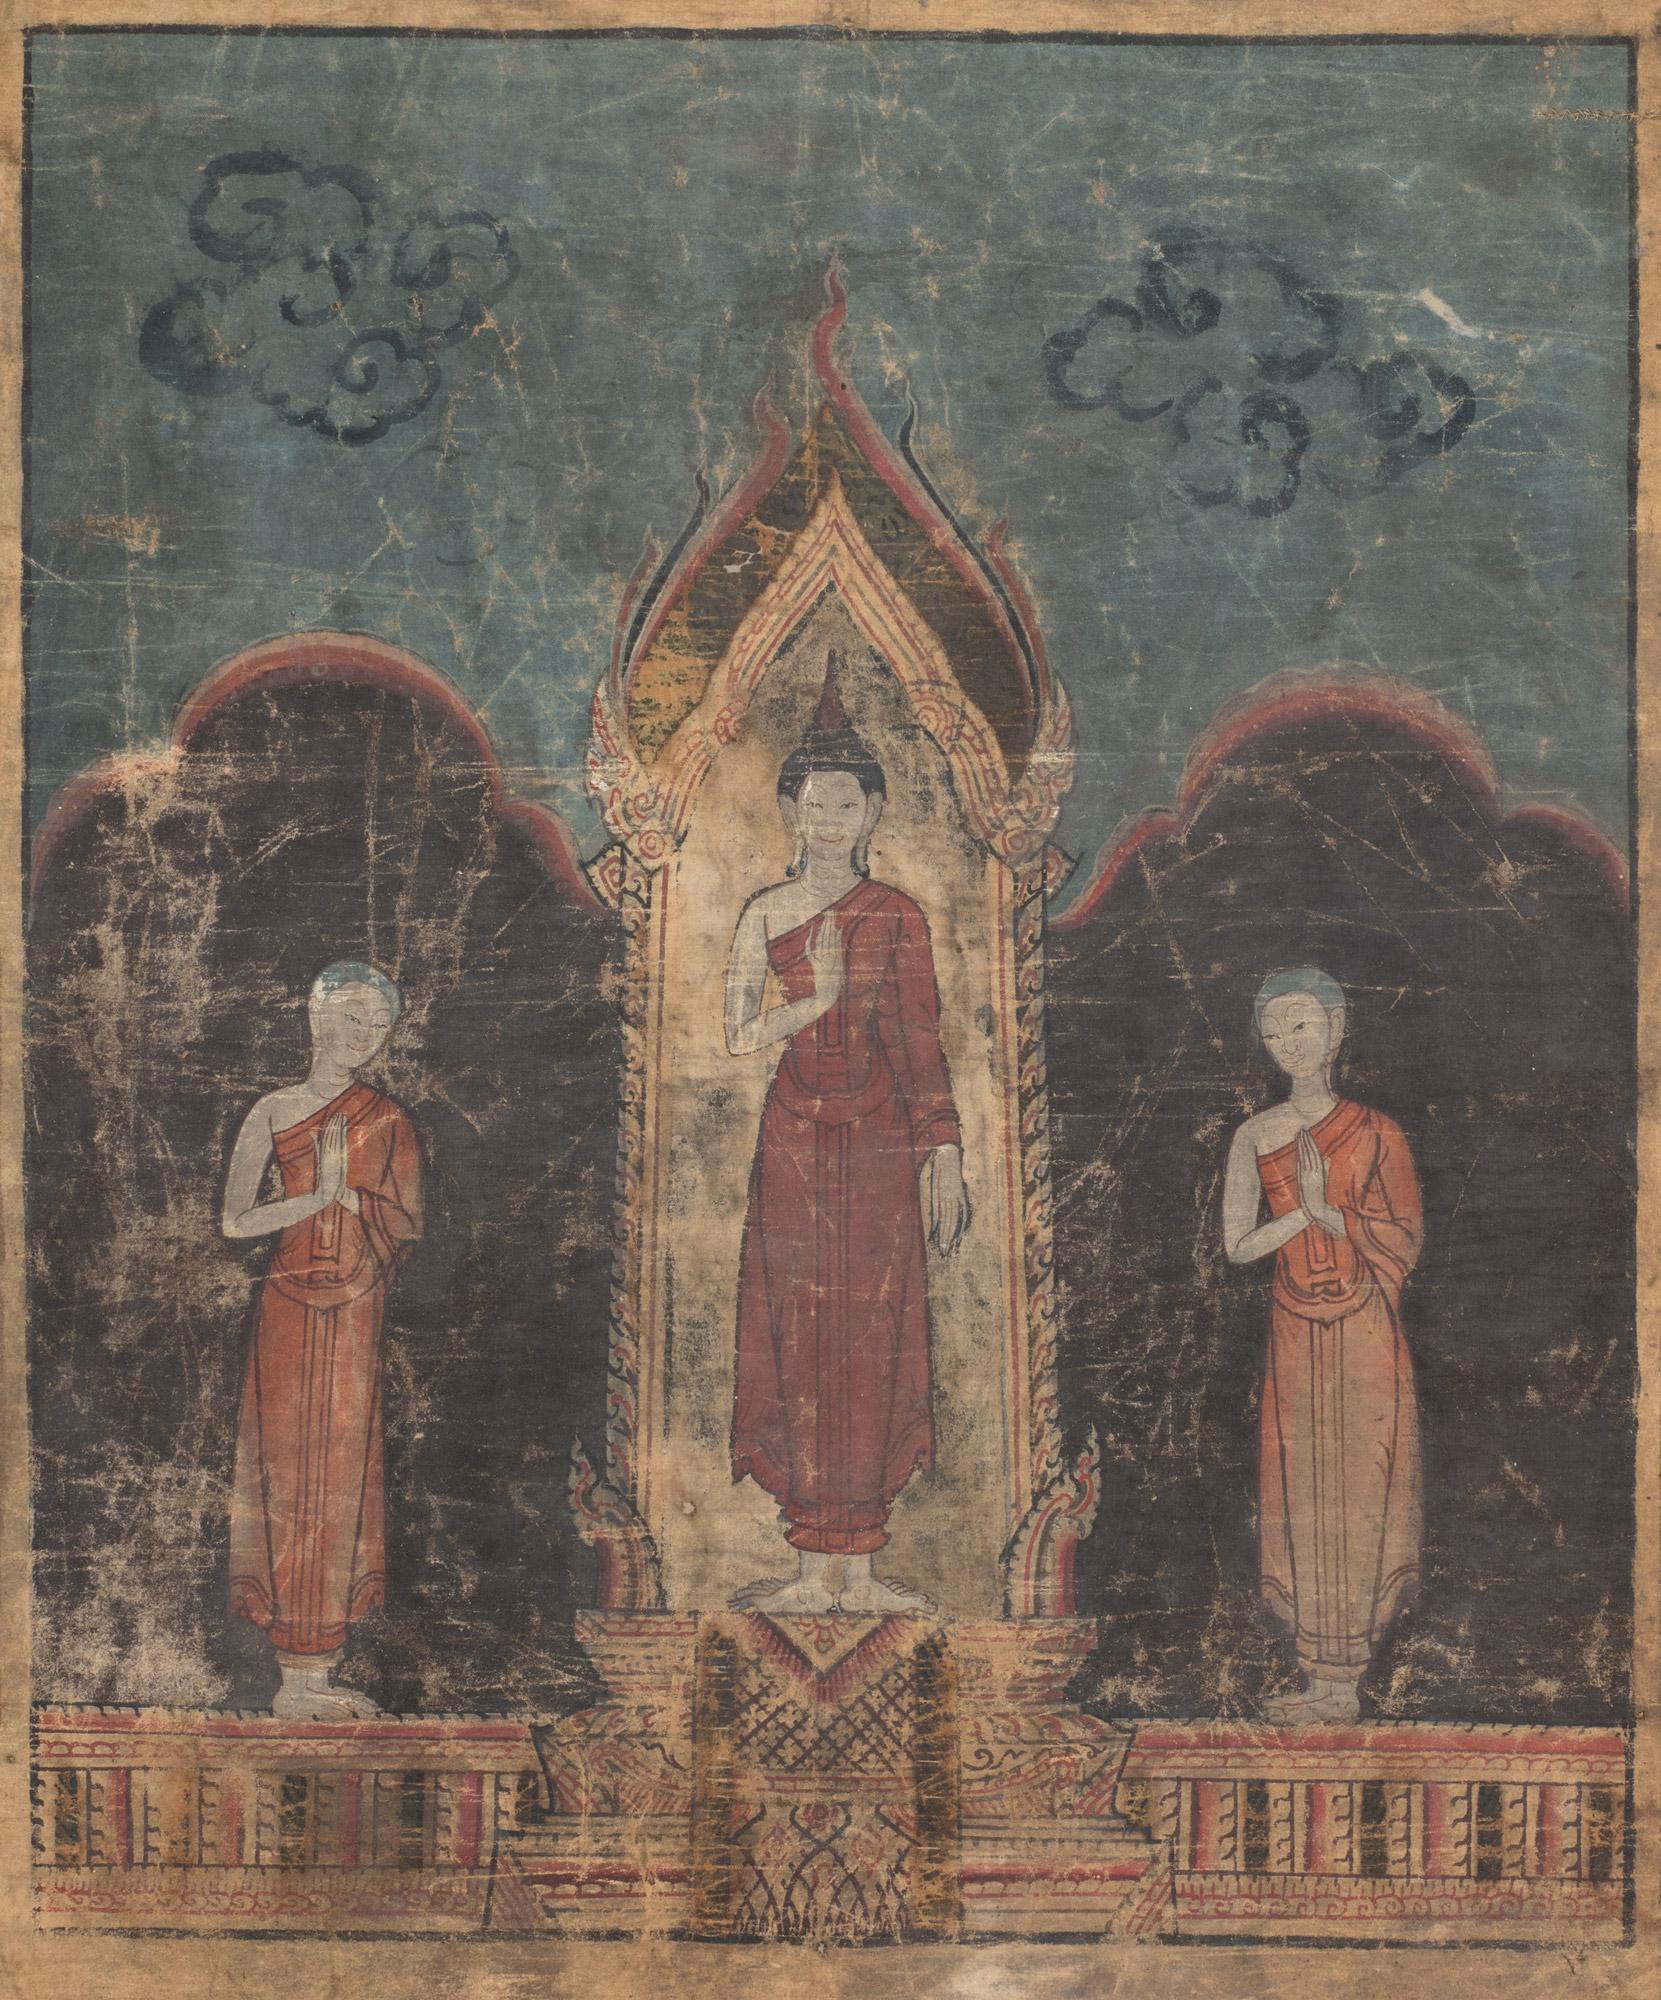 Pannello thai dipinto su tela con Buddha centrale